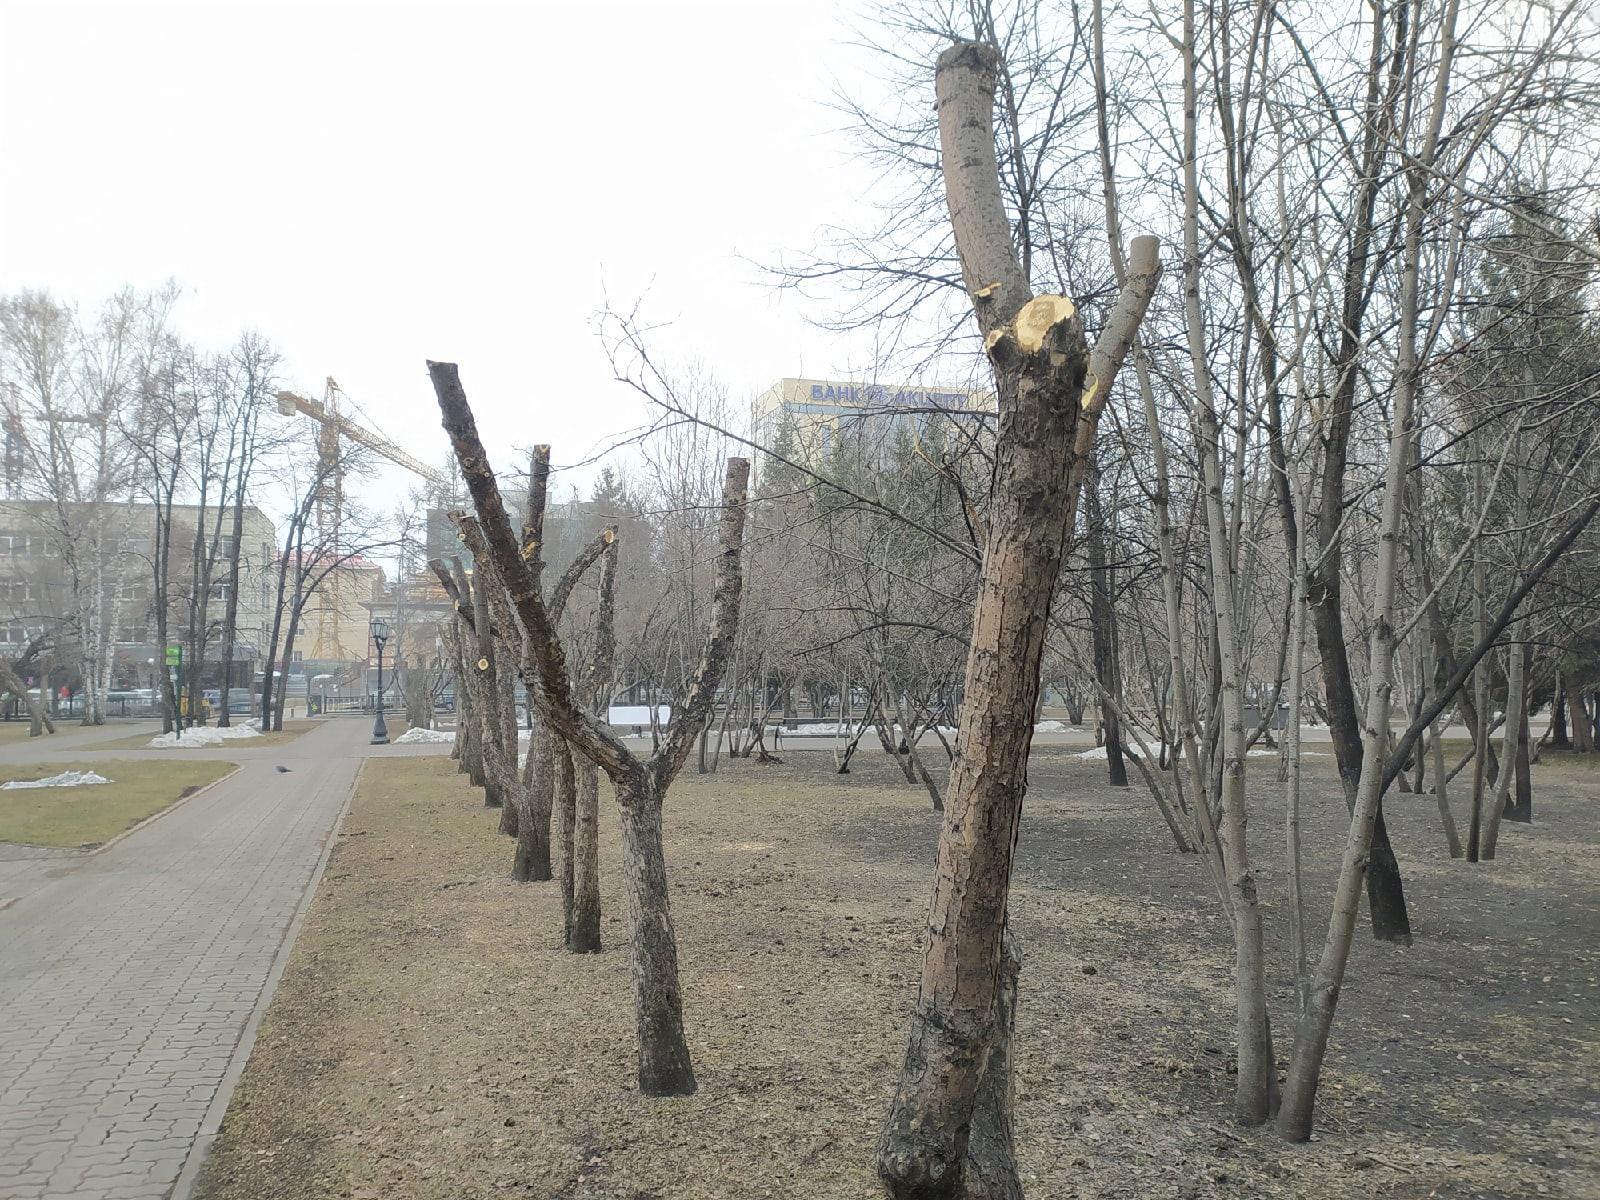 фото В Первомайском сквере Новосибирска обрезали деревья – как в фильме ужасов 7